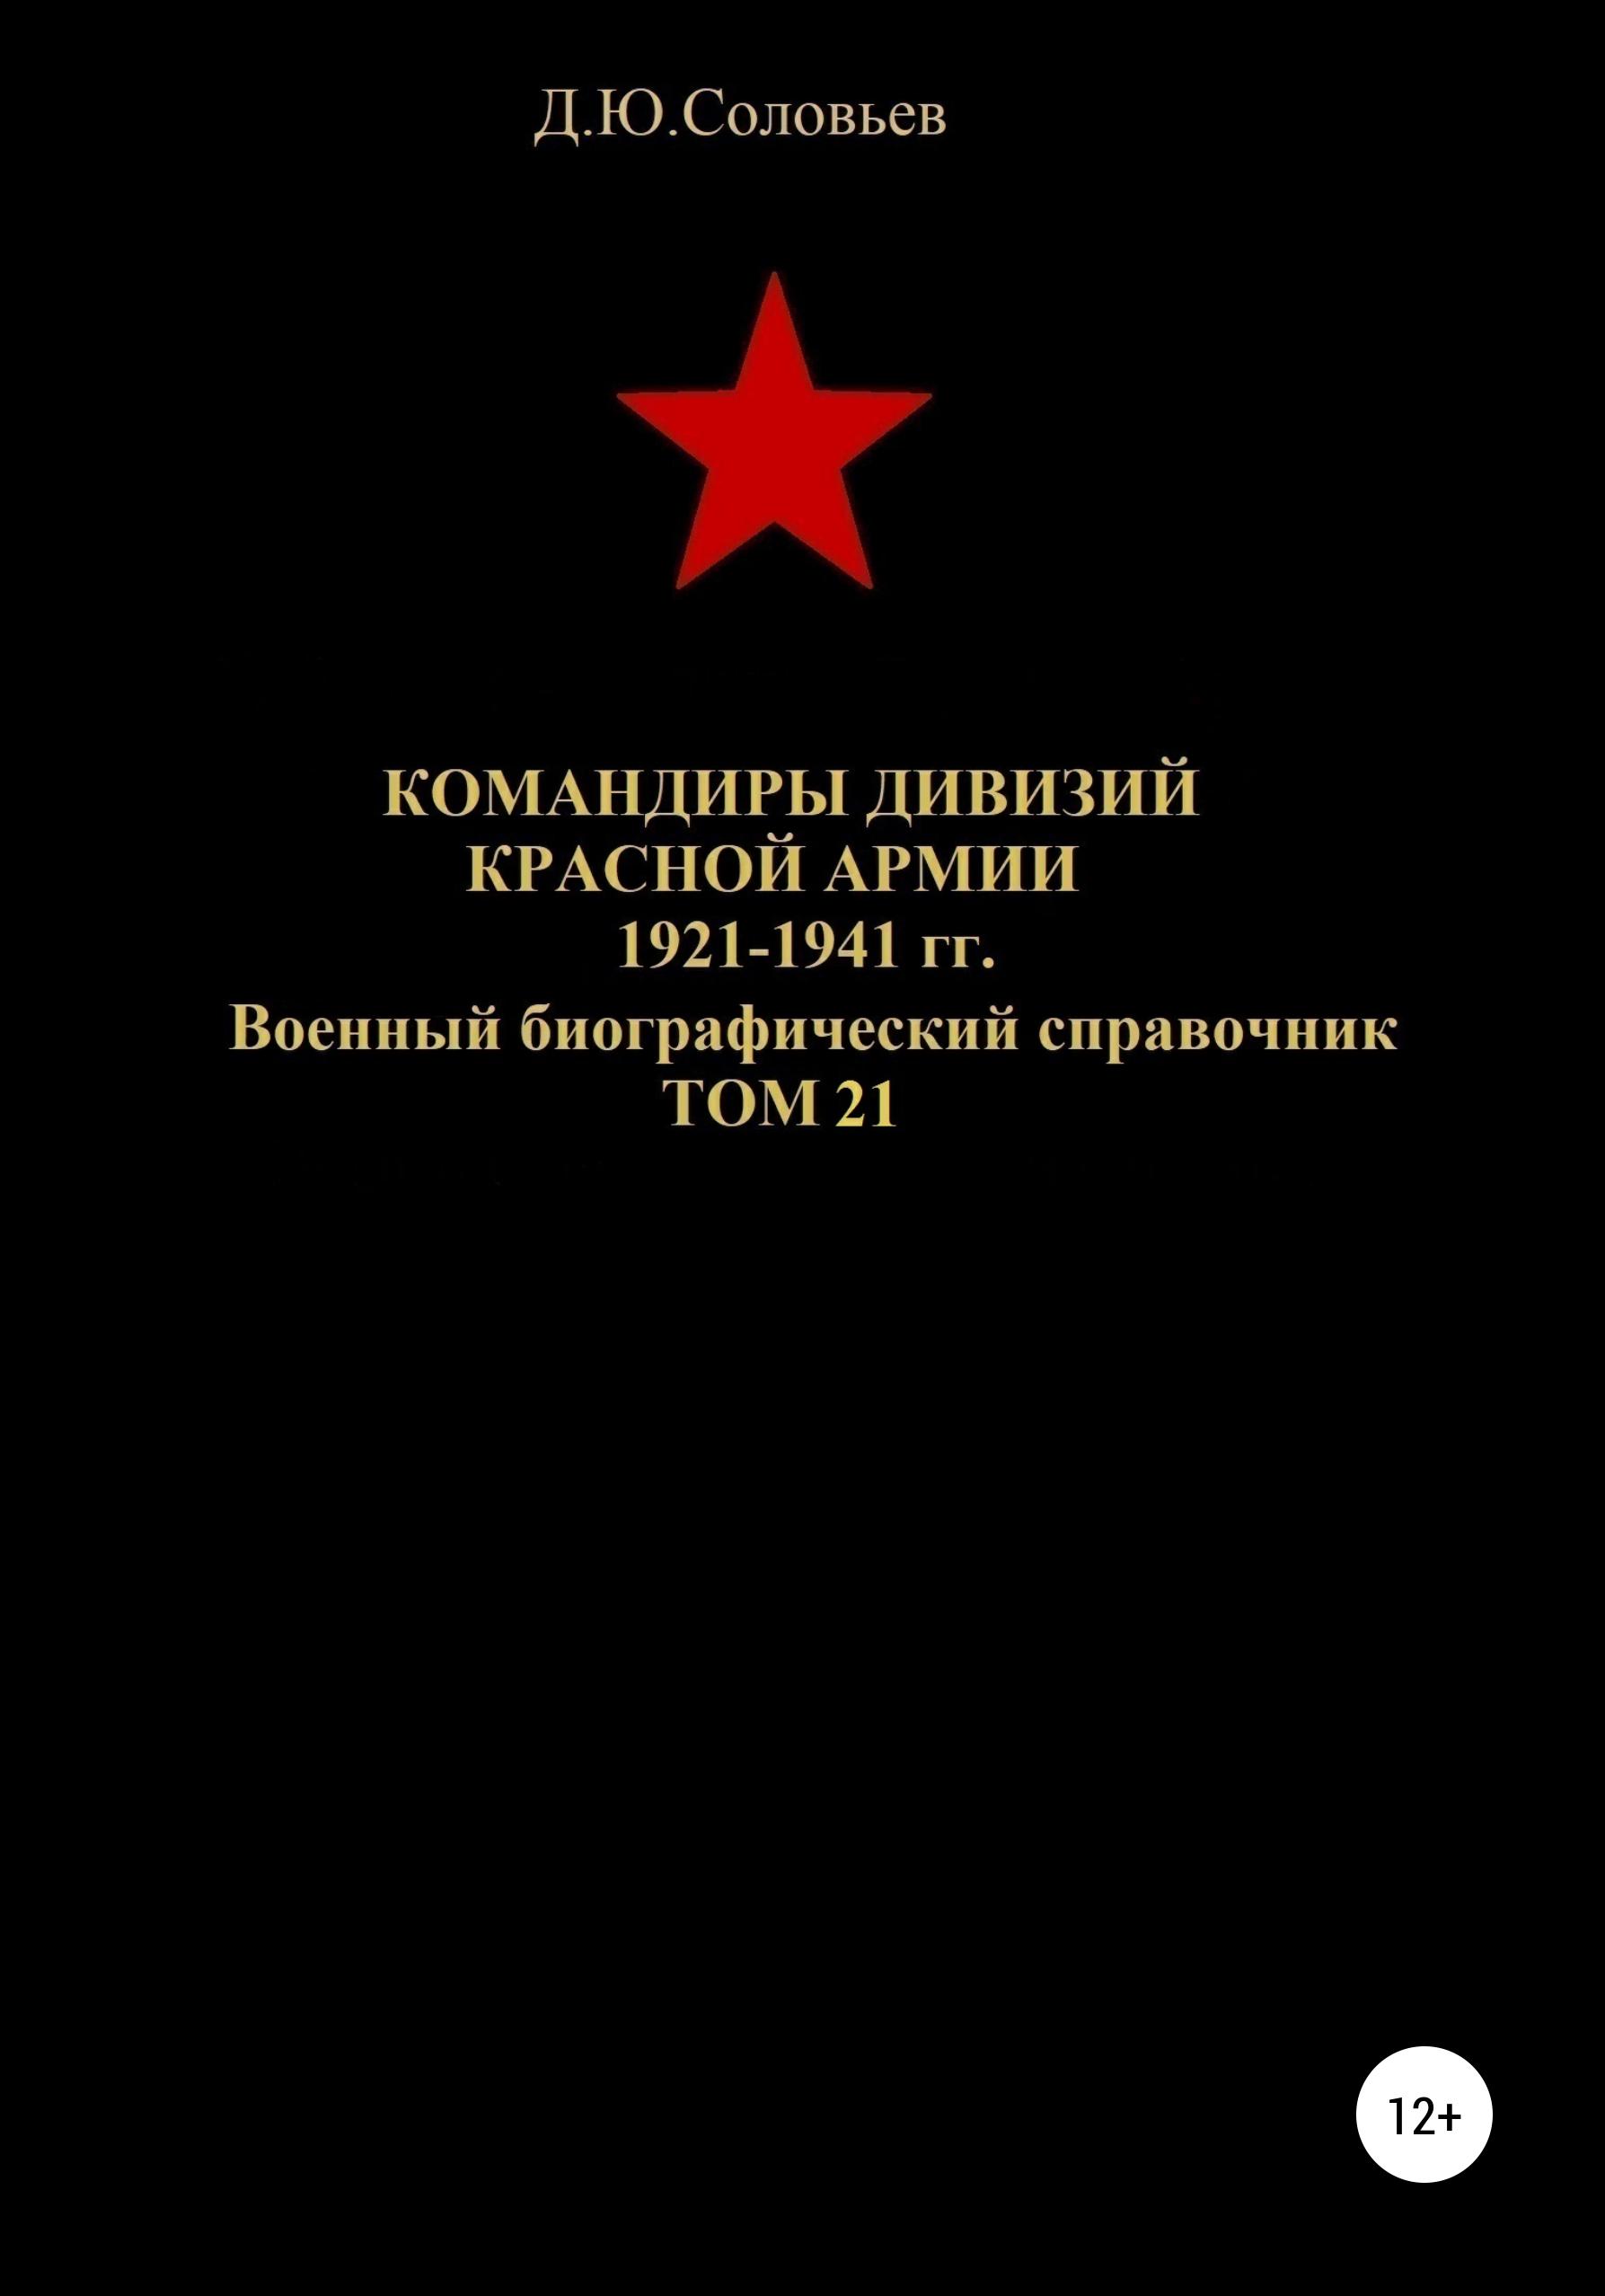 Денис Юрьевич Соловьев Командиры дивизий Красной Армии 1921-1941 гг. Том 21